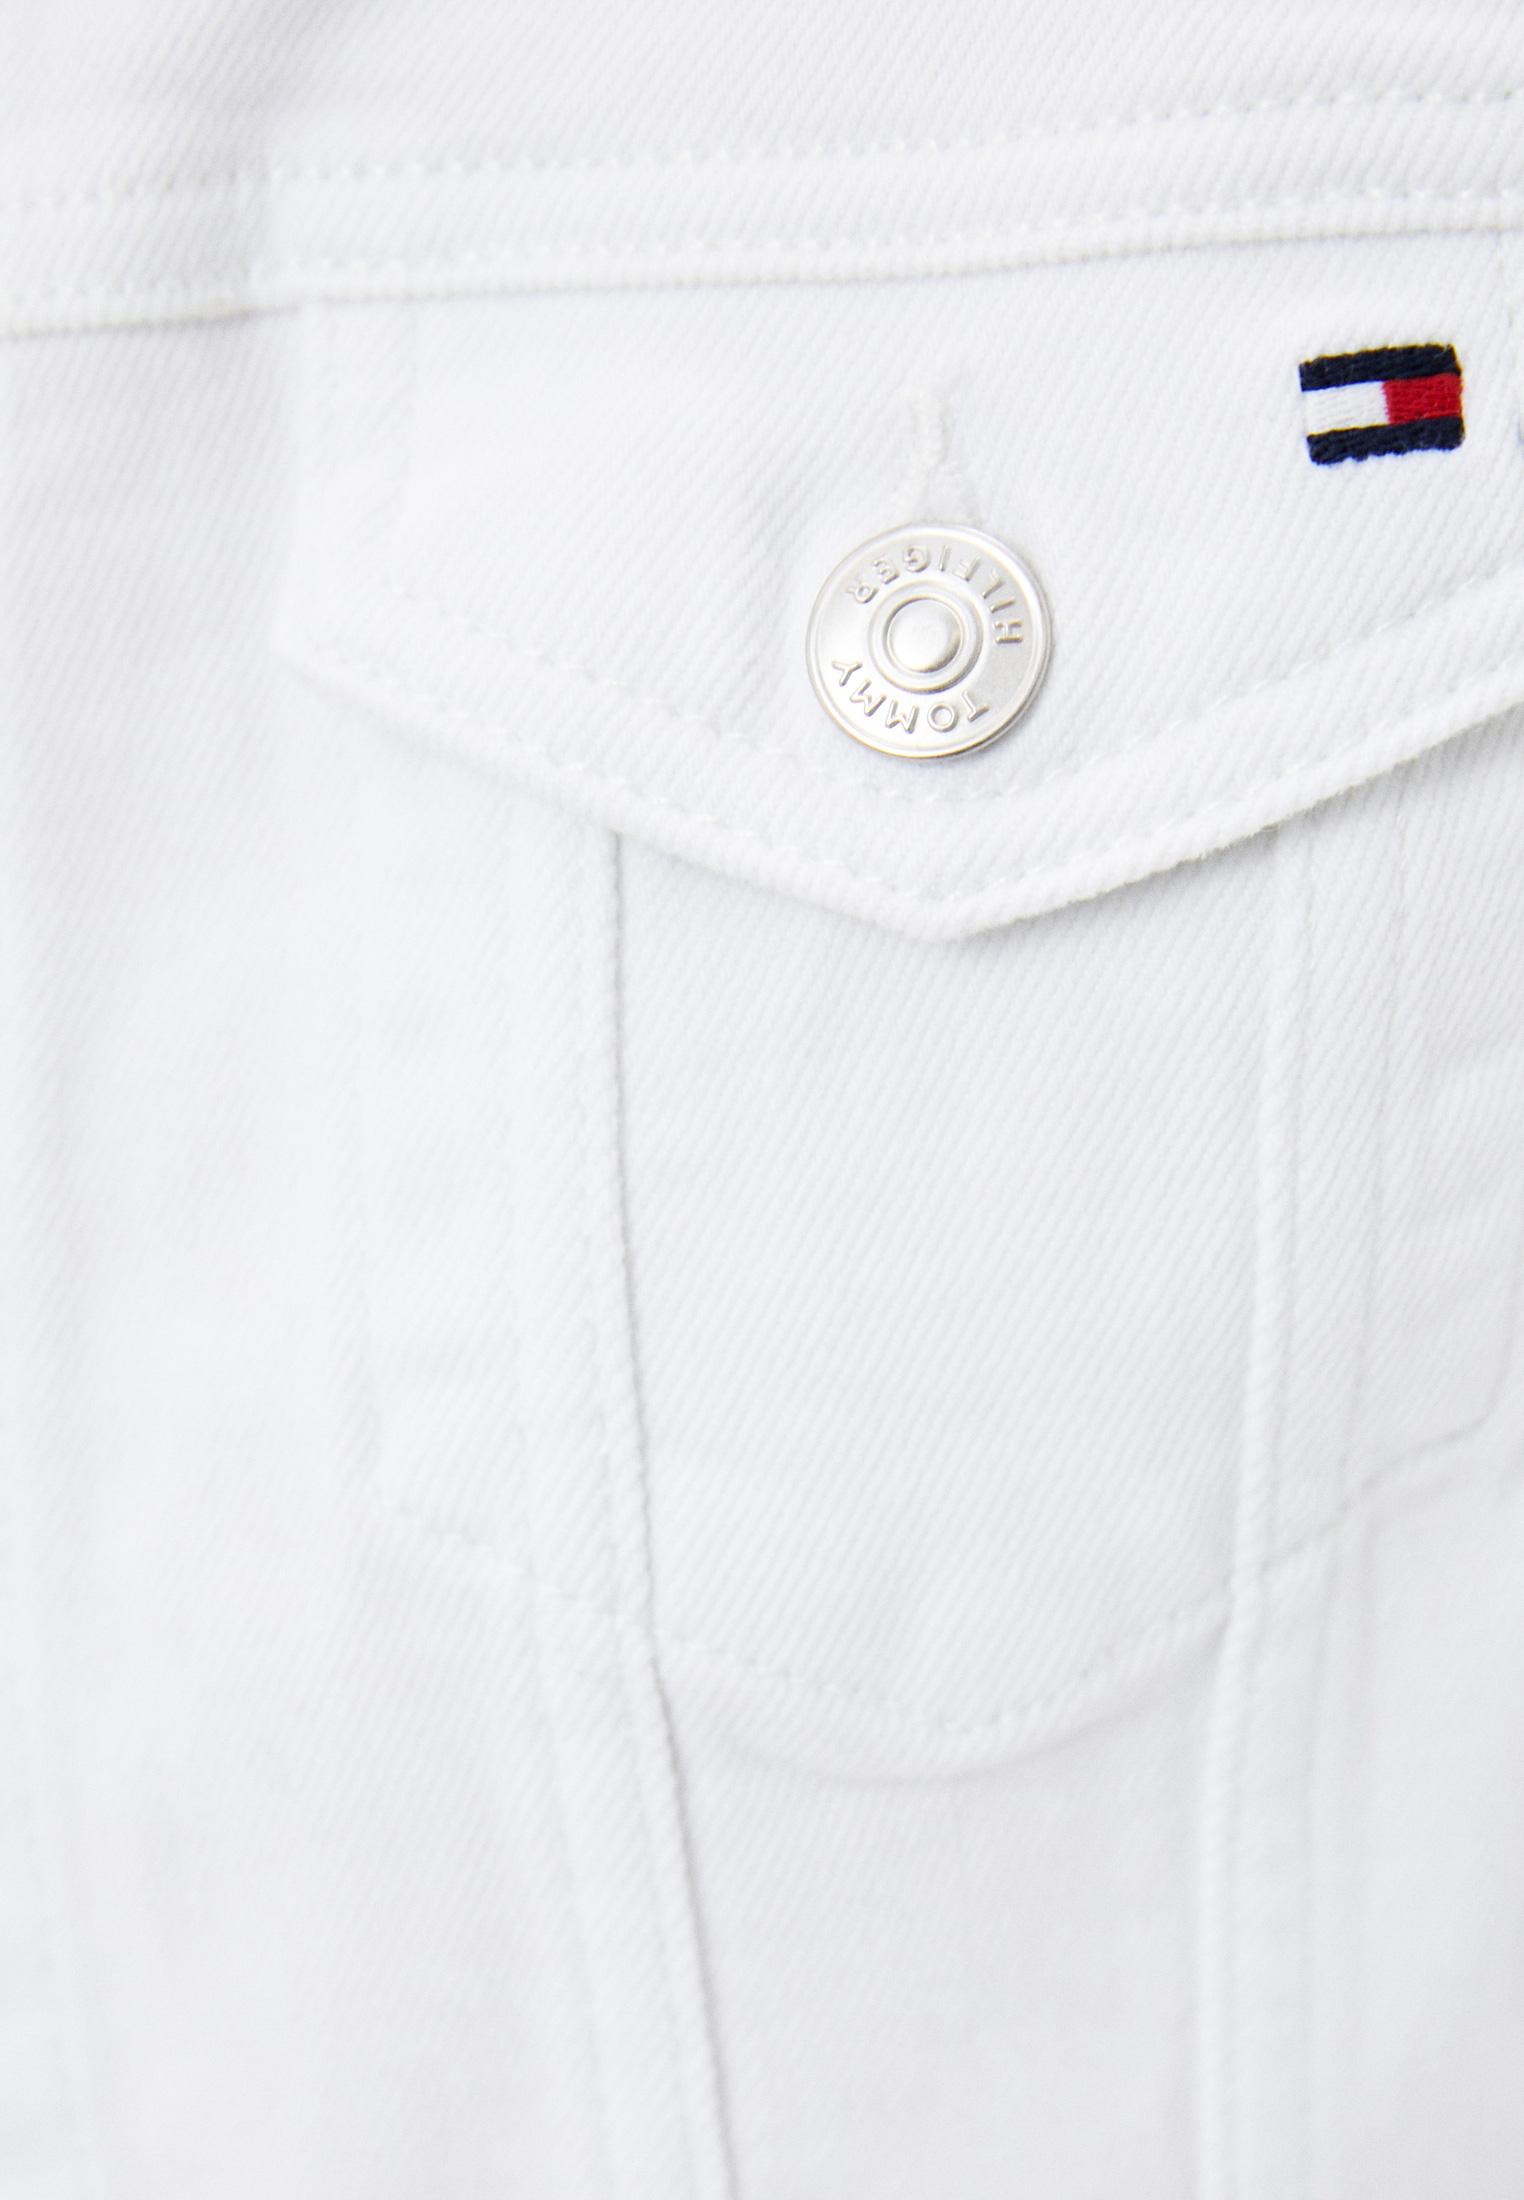 Джинсовая куртка Tommy Hilfiger (Томми Хилфигер) WW0WW30613: изображение 8